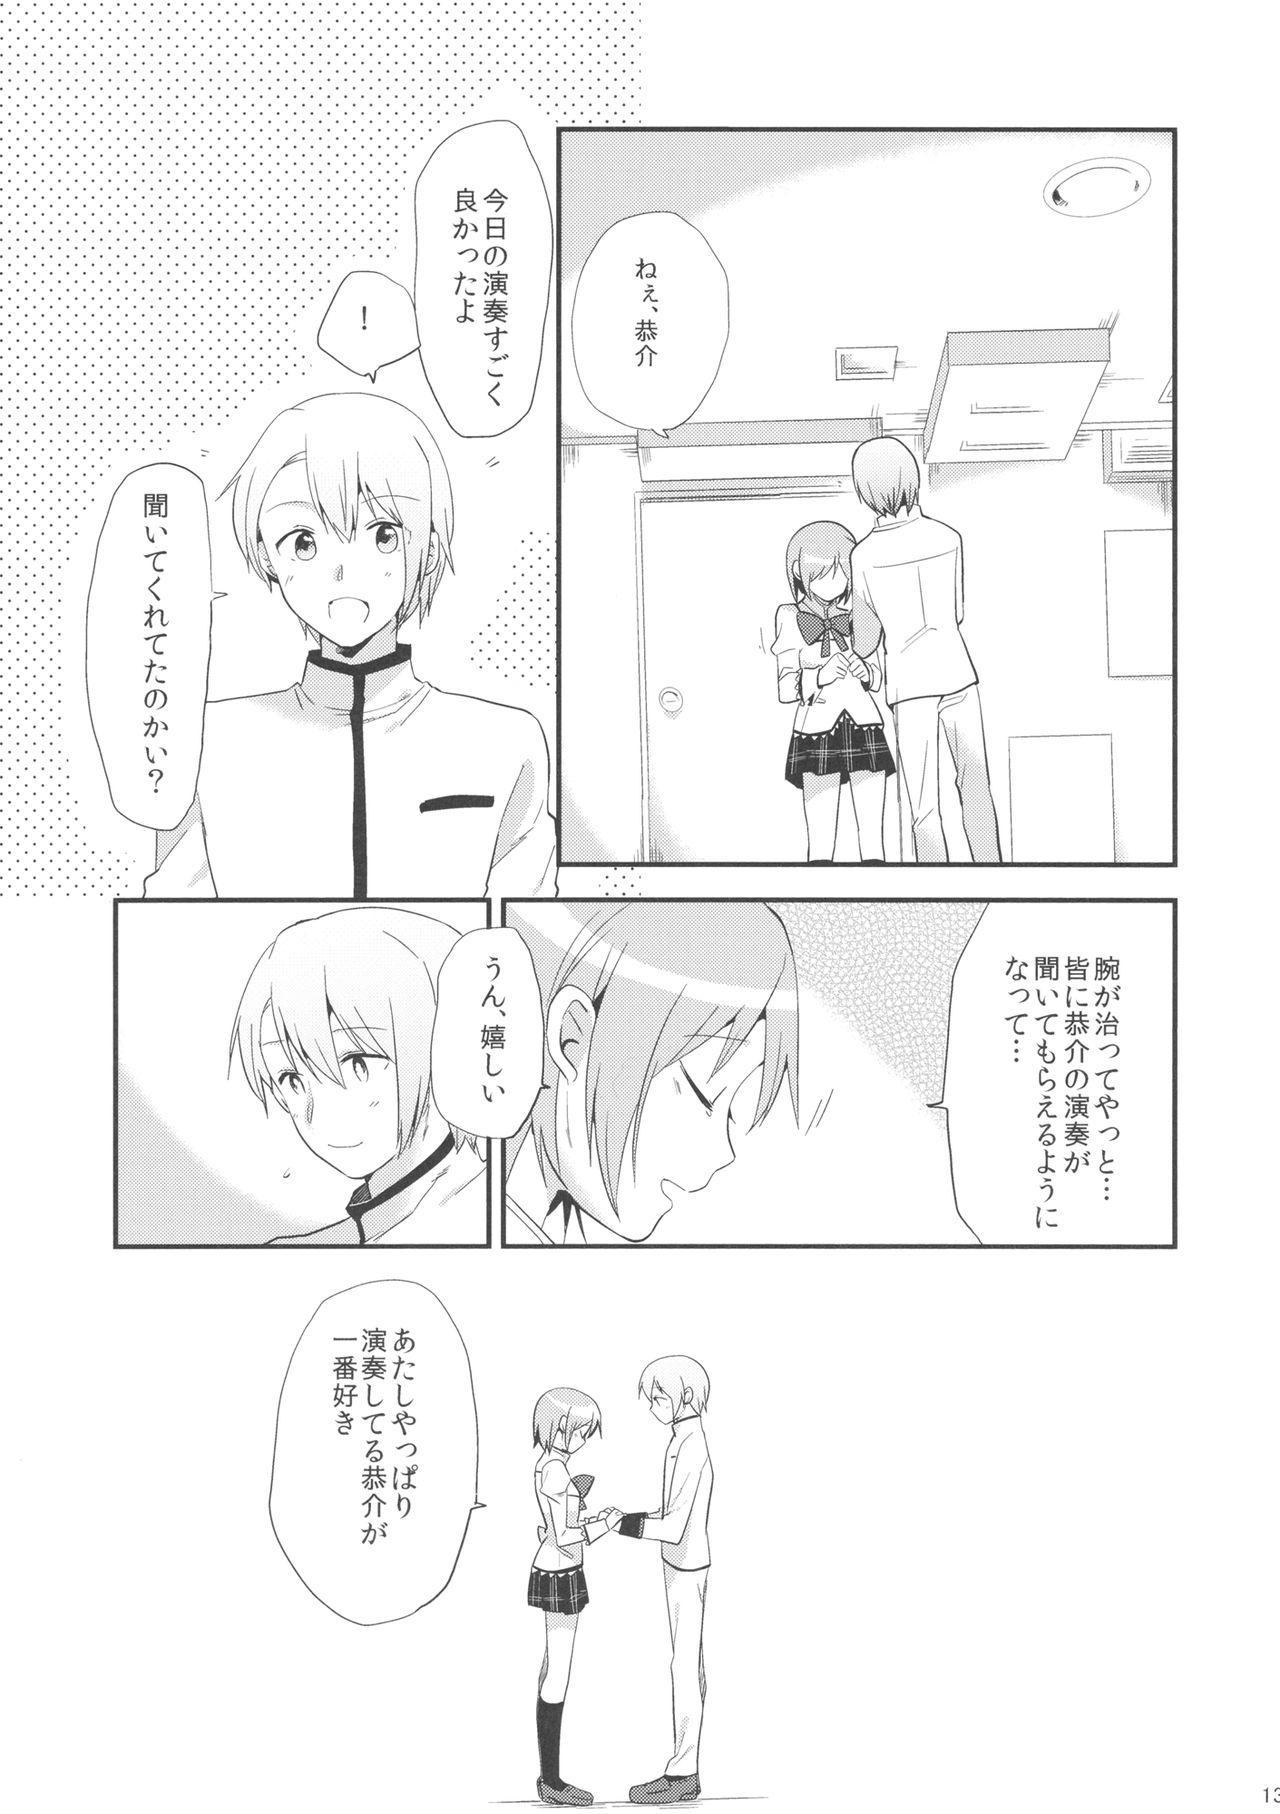 if Kanzenban 11